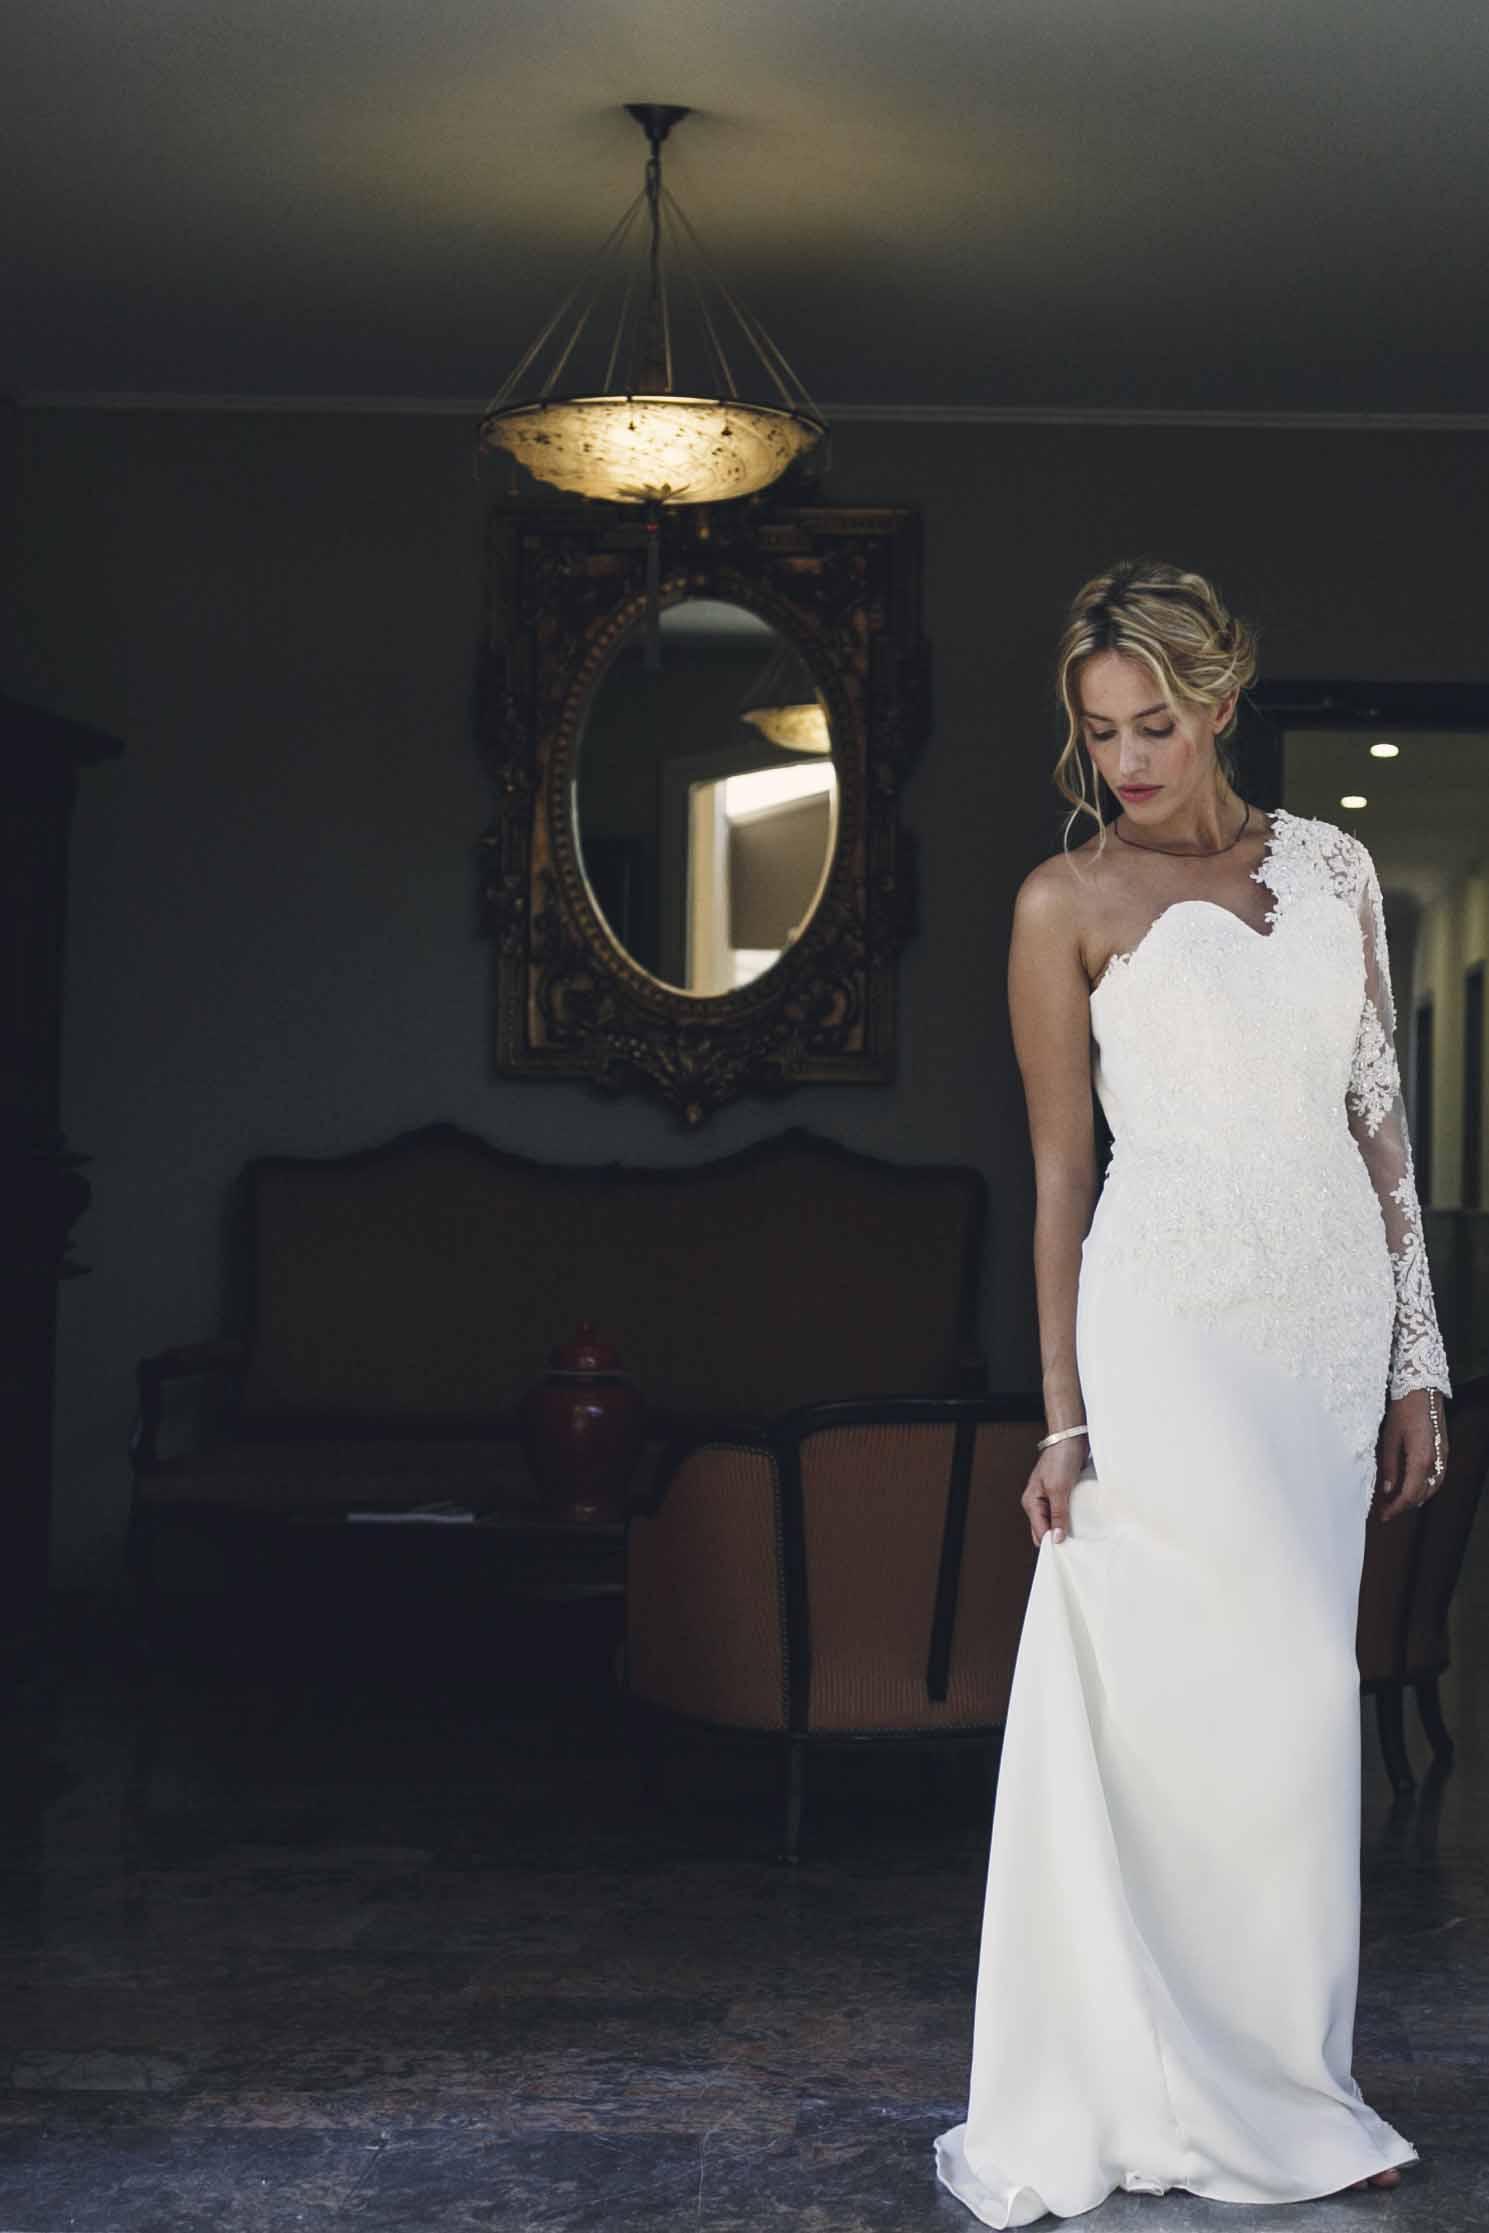 daniel-pelcat-photographe-mariage-0307